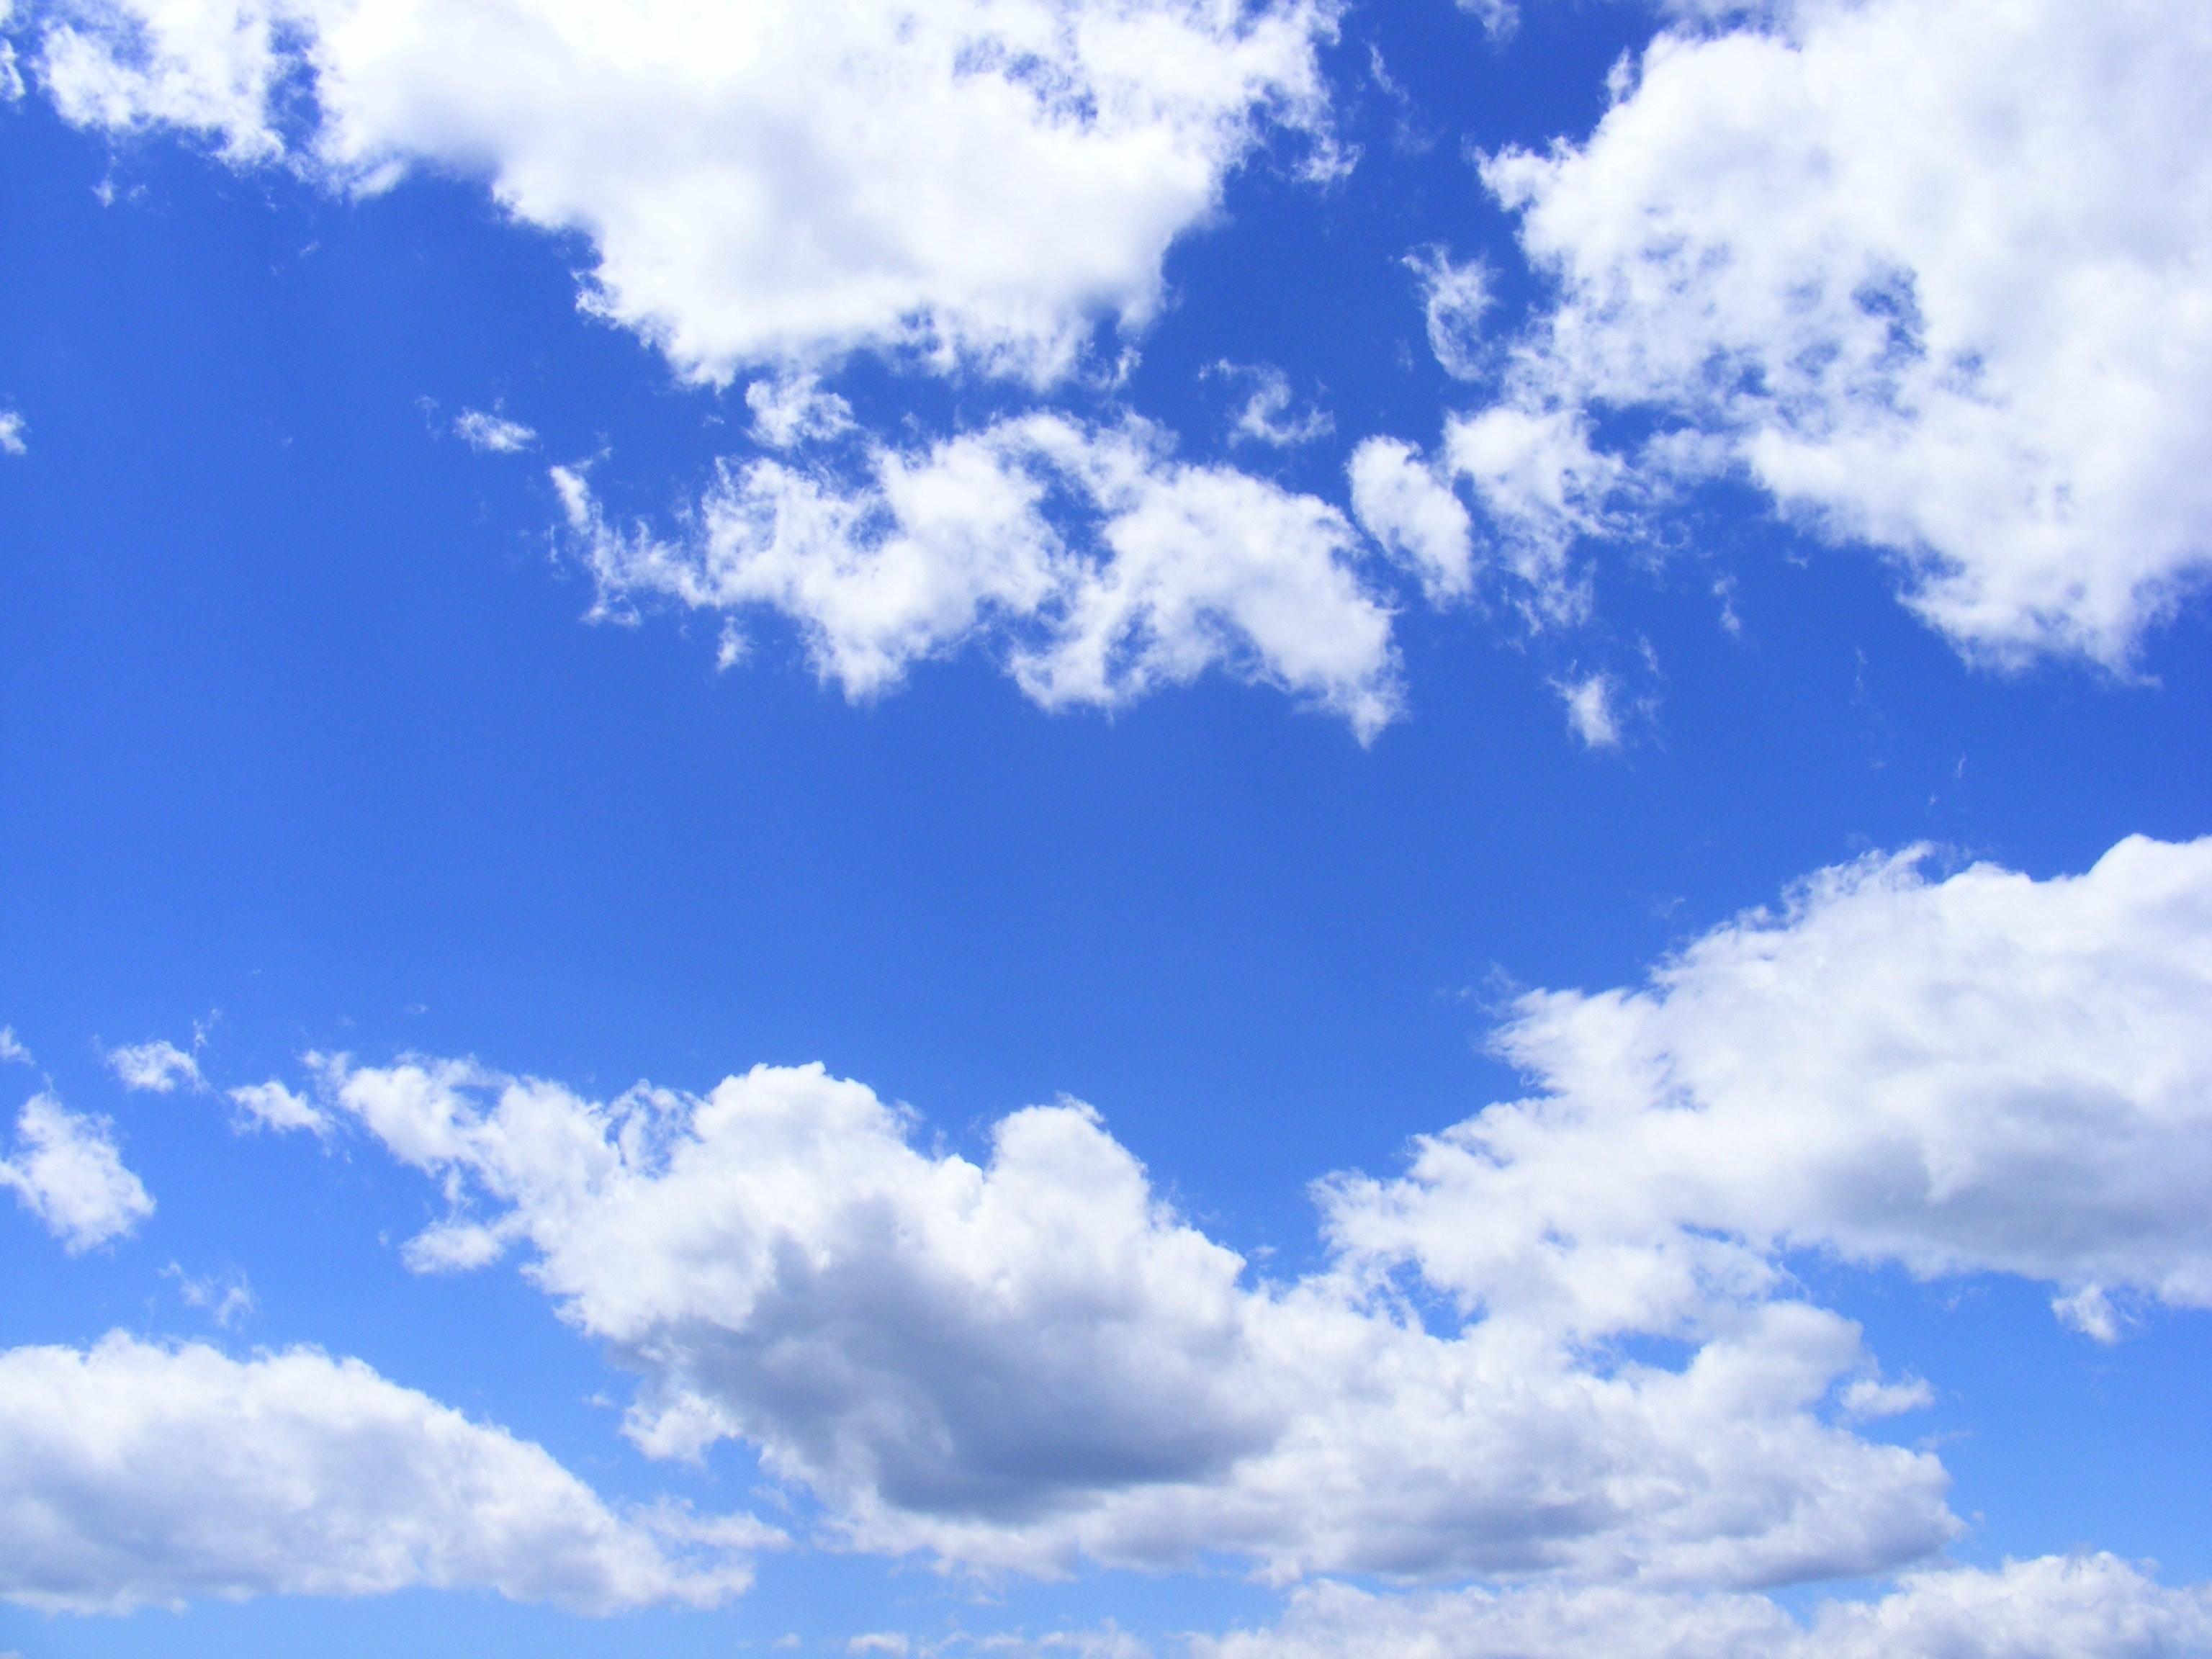 Hình ảnh mây cực đẹp